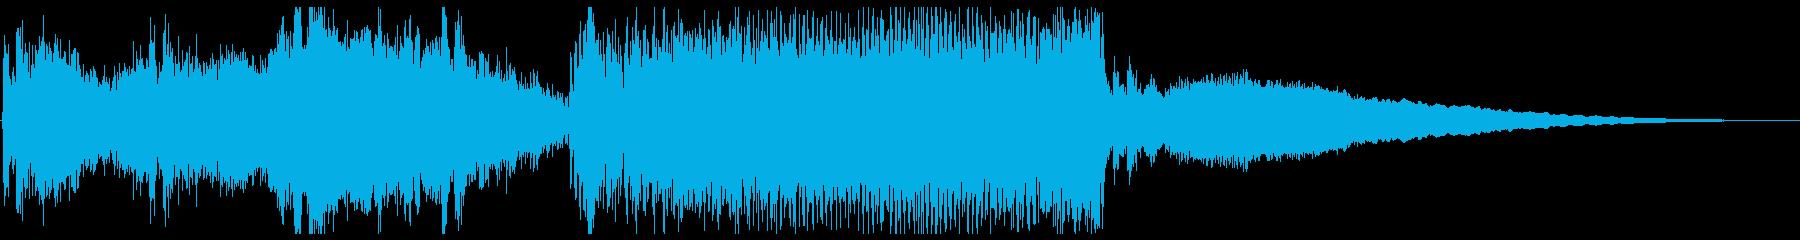 始まりで盛り上がる未来的BGMの再生済みの波形